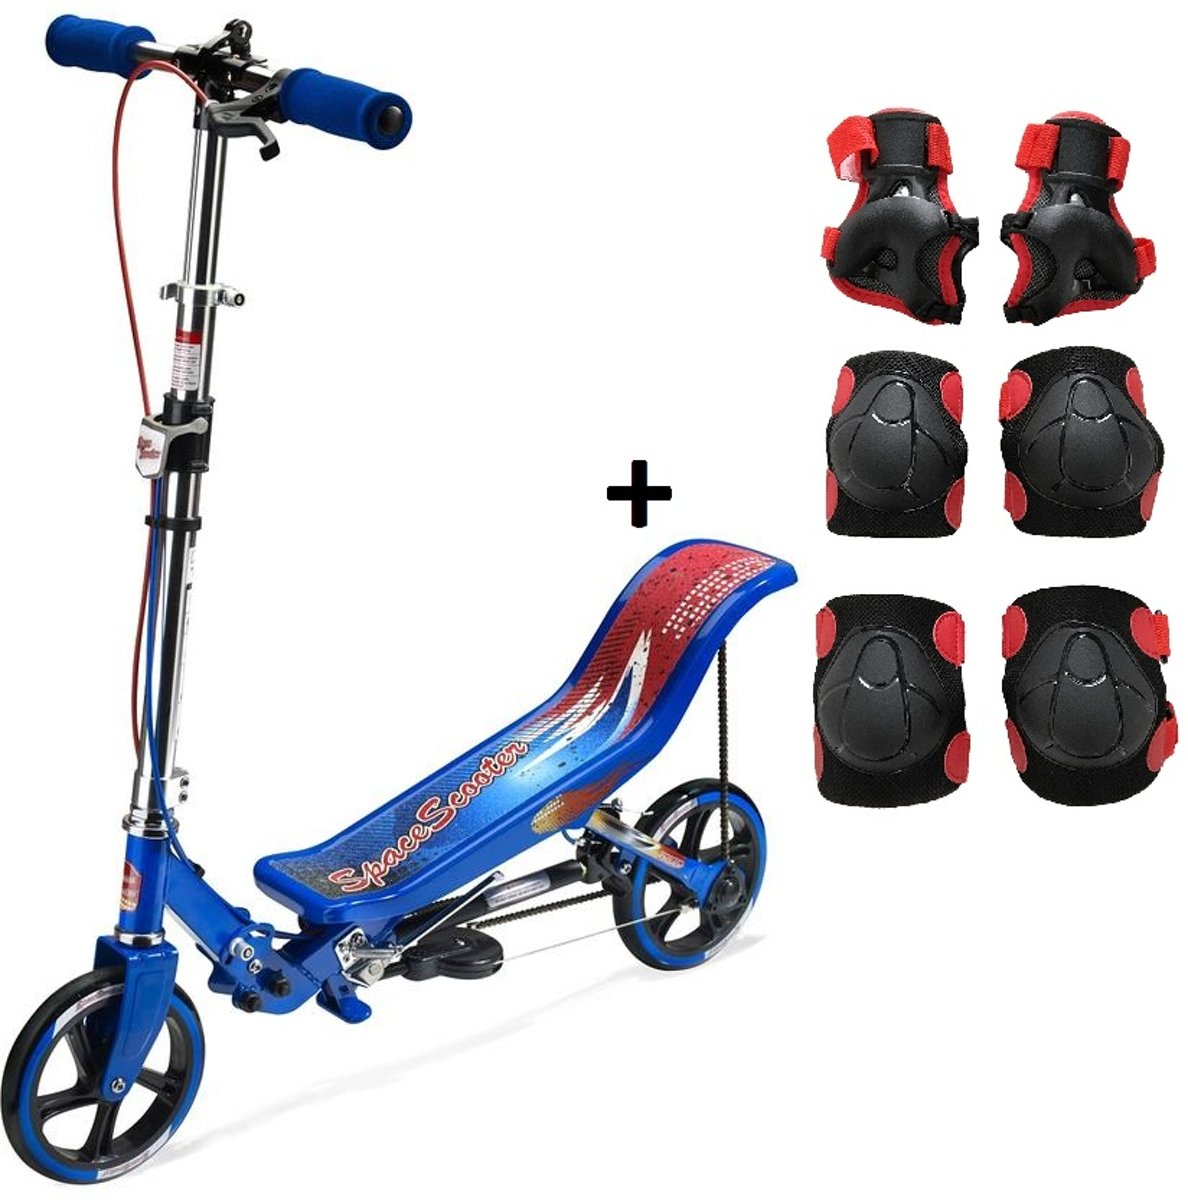 Space Scooter - Blauw - incl. beschermset - Step